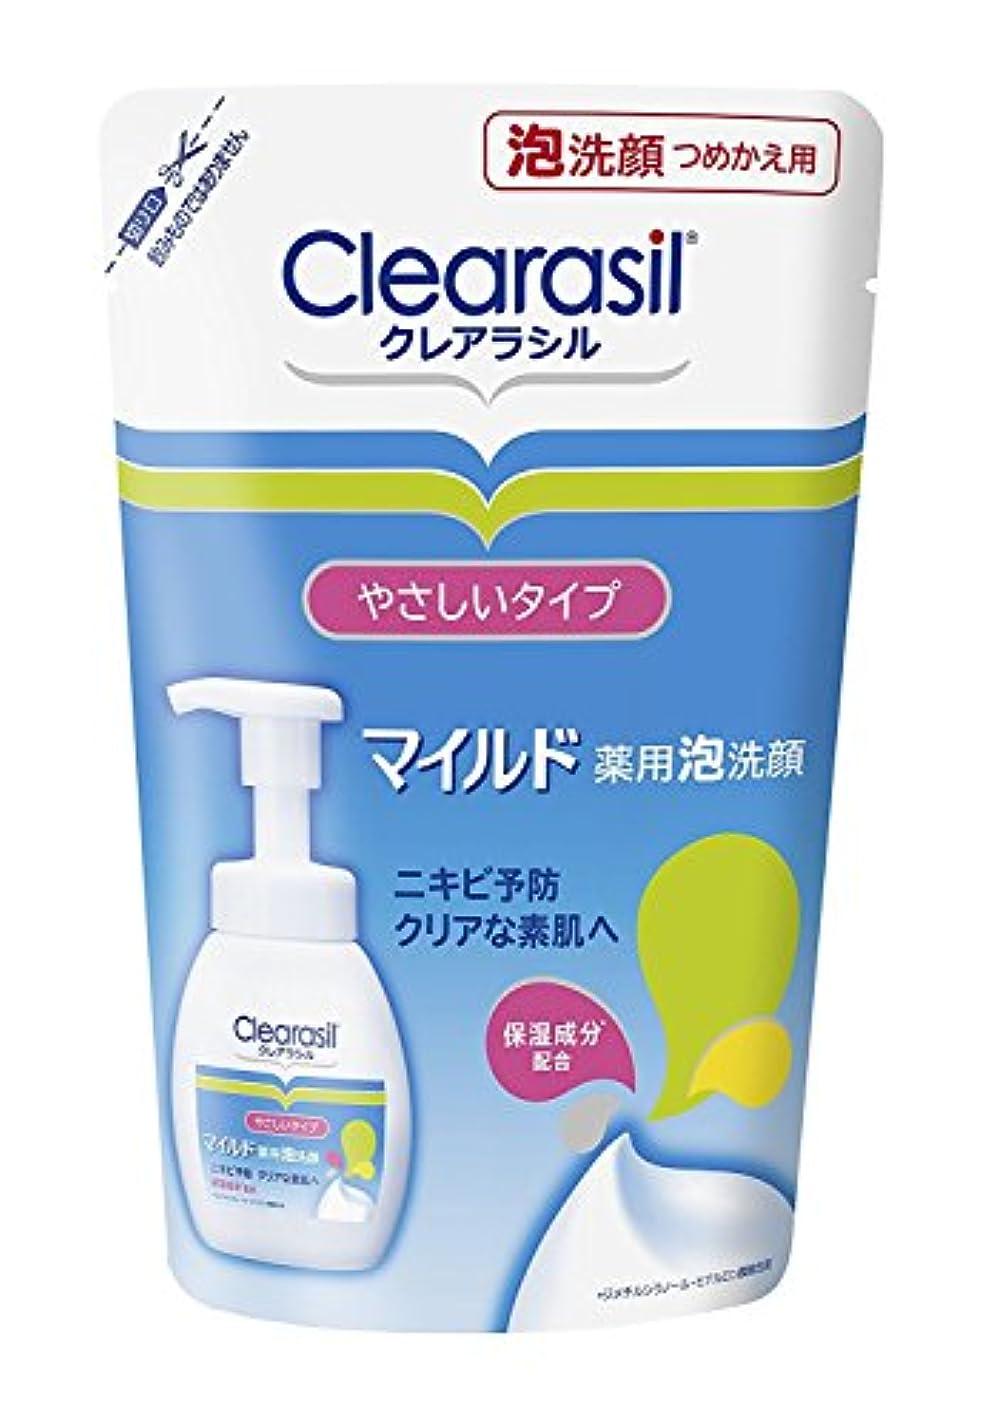 ブラザー一月マート【clearasil】クレアラシル 薬用泡洗顔フォーム(マイルドタイプ) つめかえ用 (180ml) ×20個セット